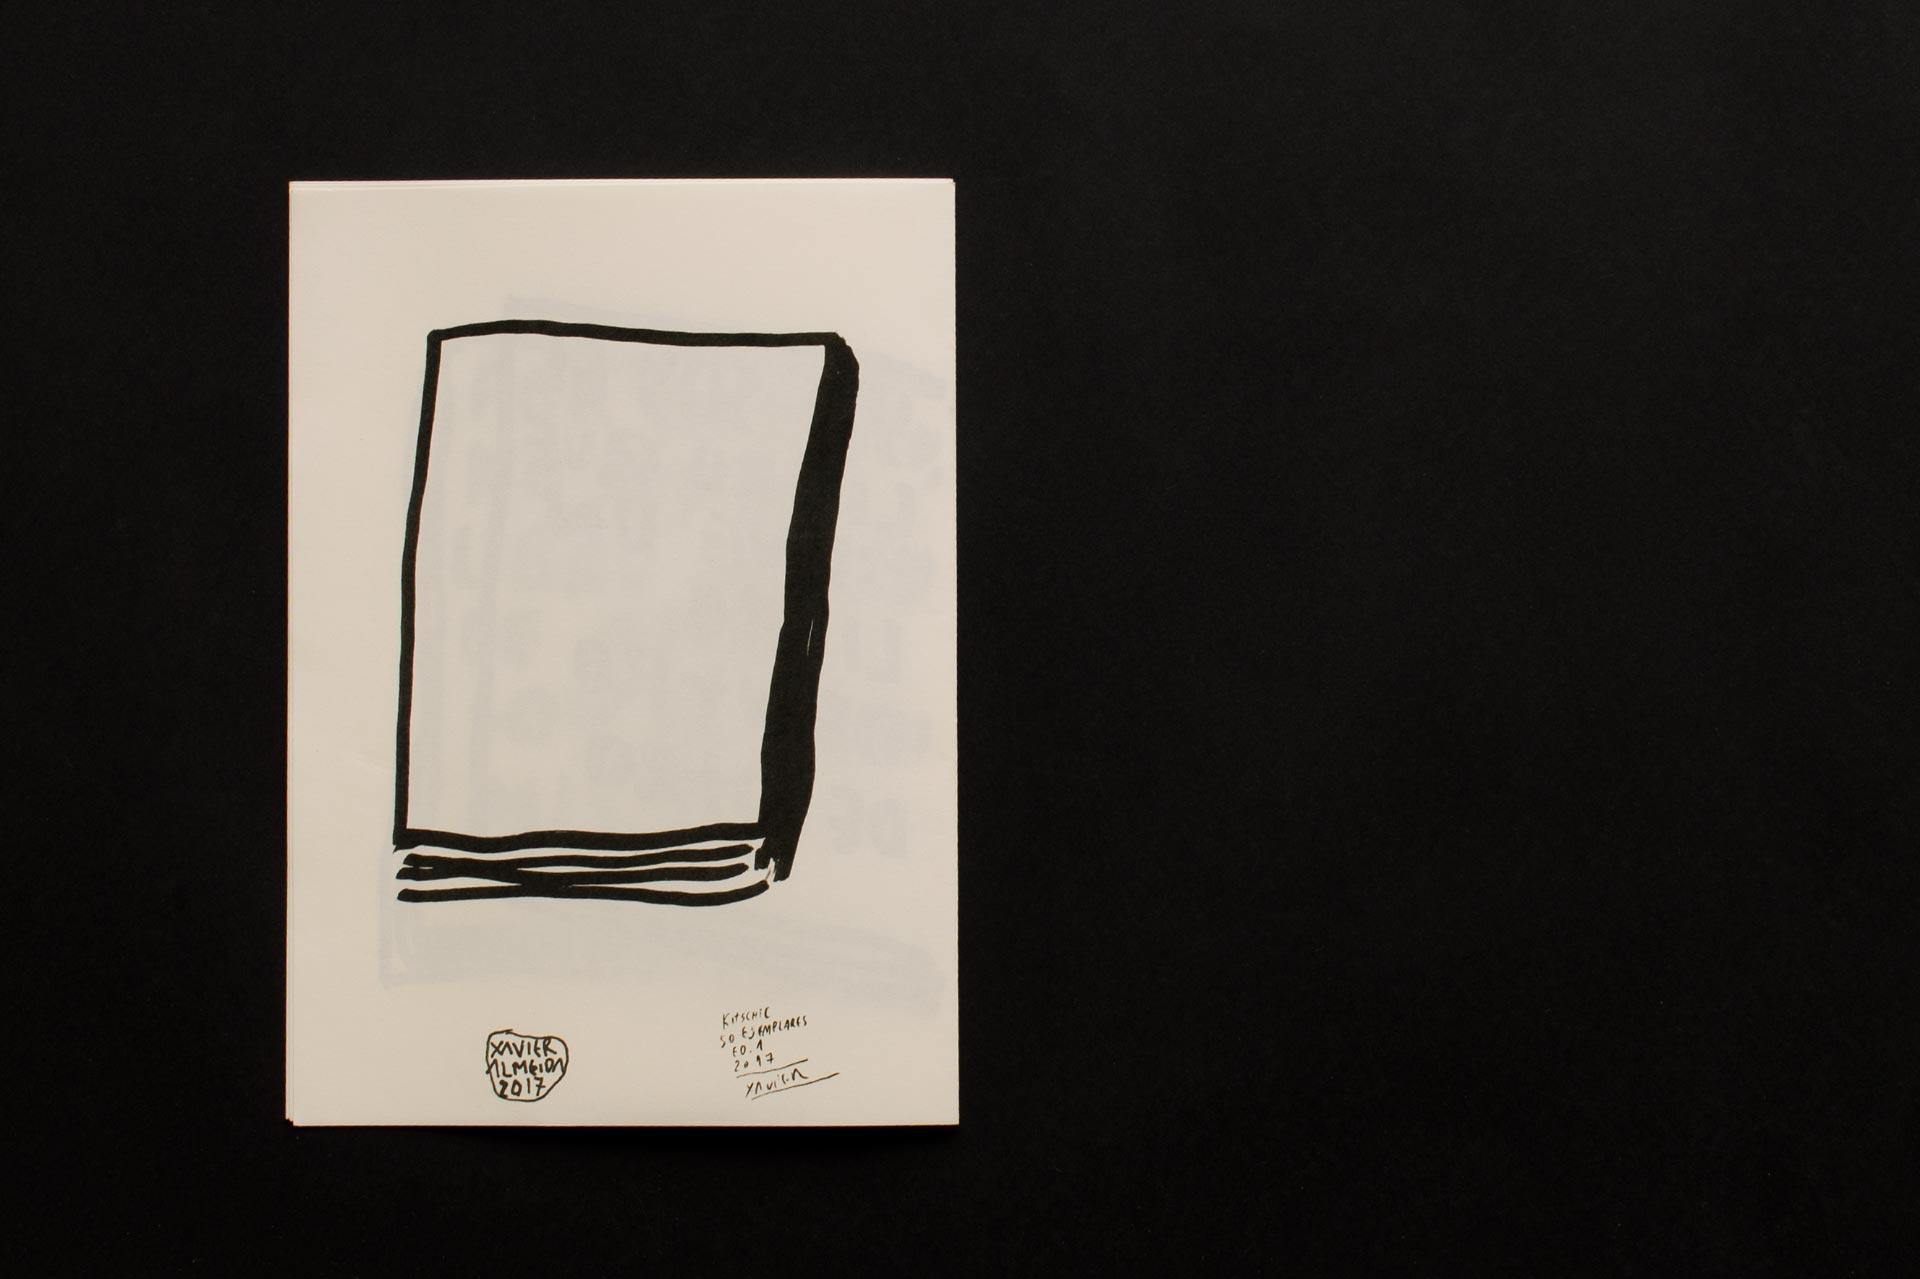 kitschic-un-libro-dentro-de-otro-08